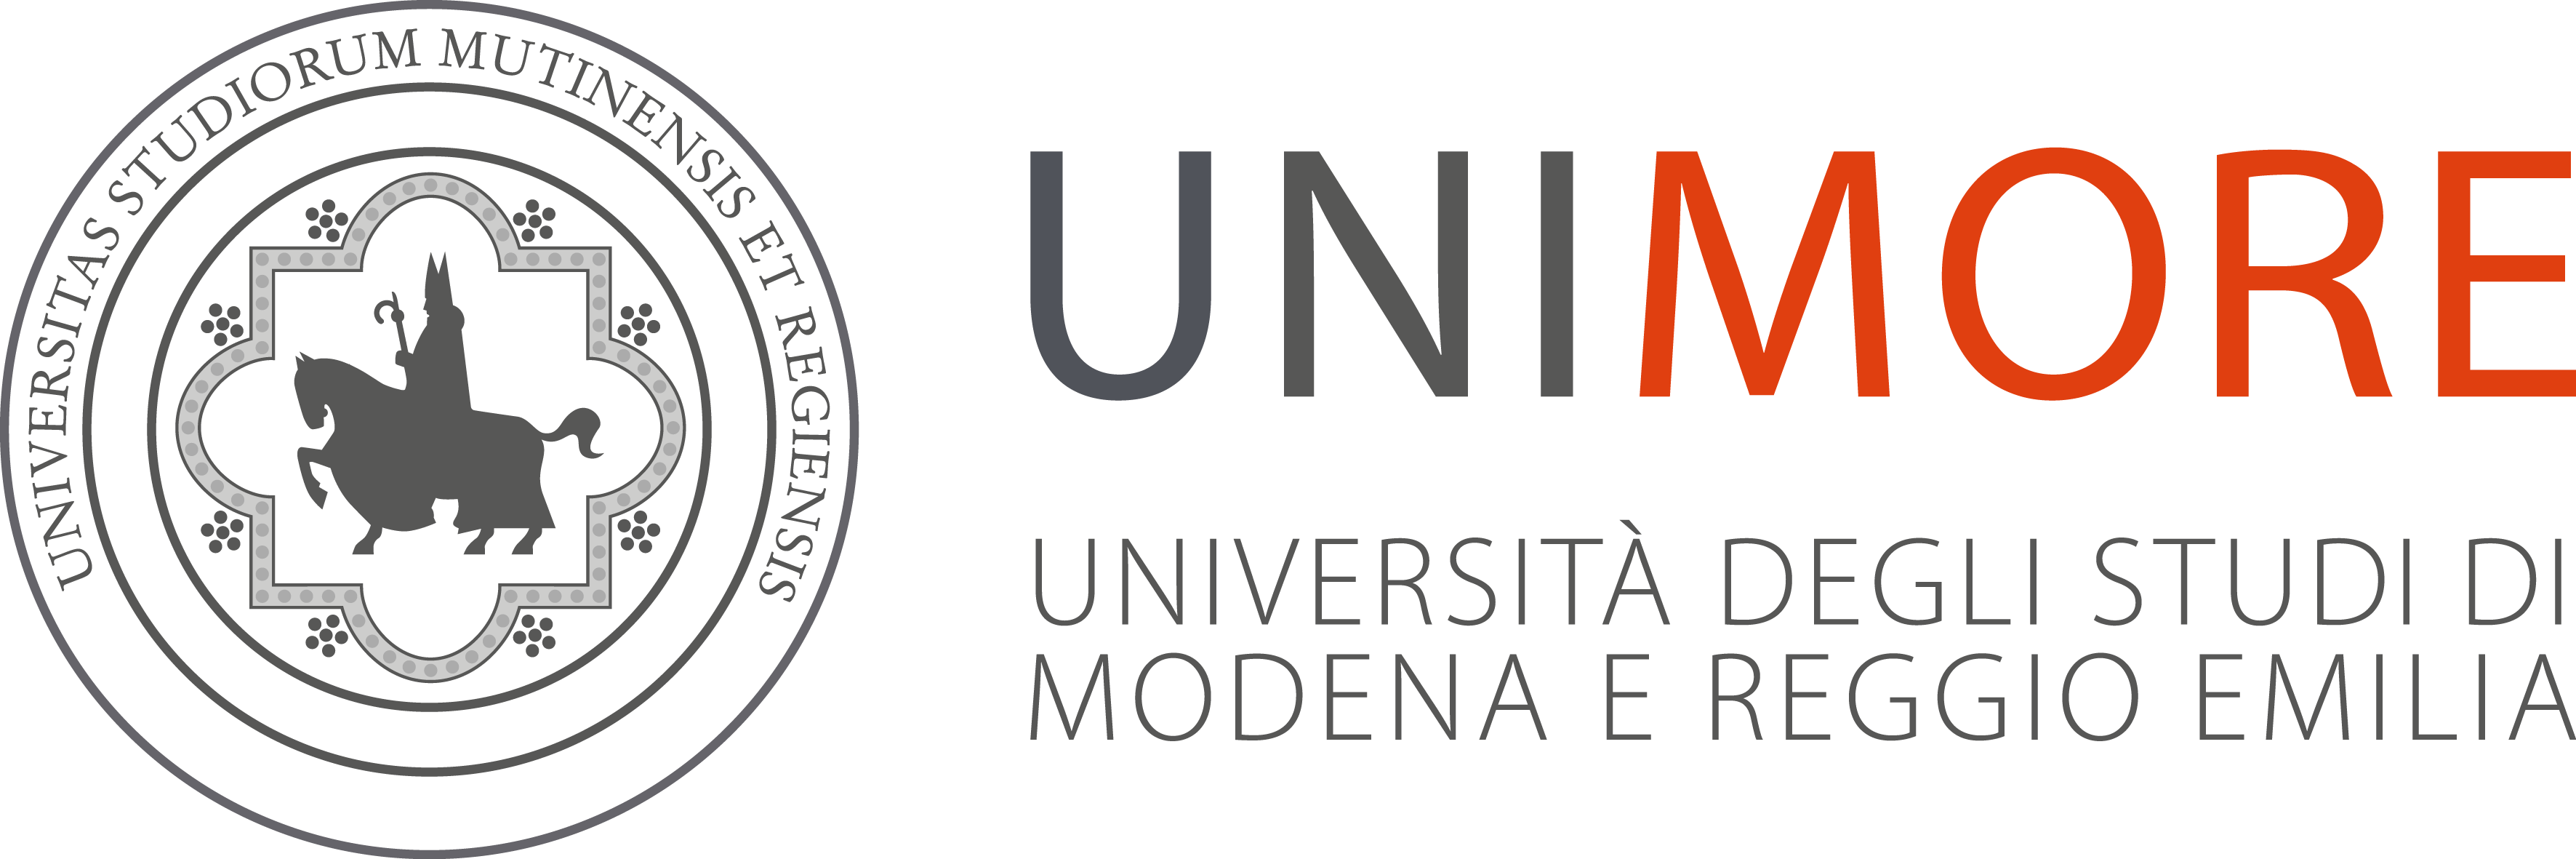 Università di Modena e Reggio Emilia